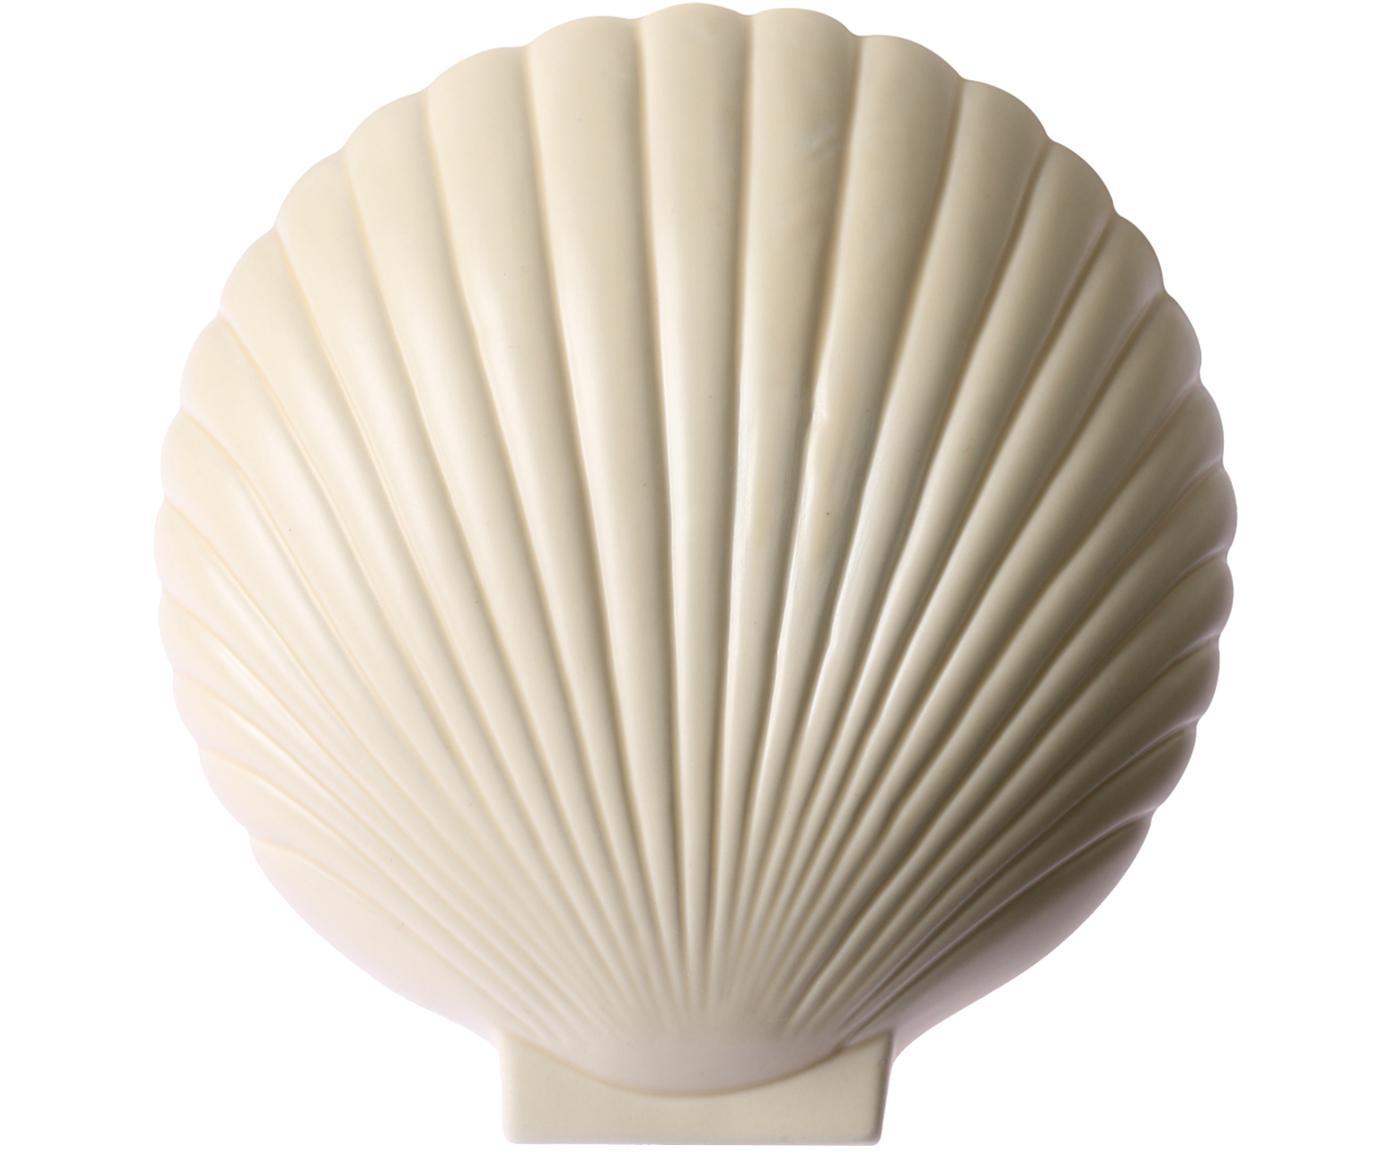 Wandlamp Shell met stekker, Keramiek, Pastel geel, 19 x 21 cm